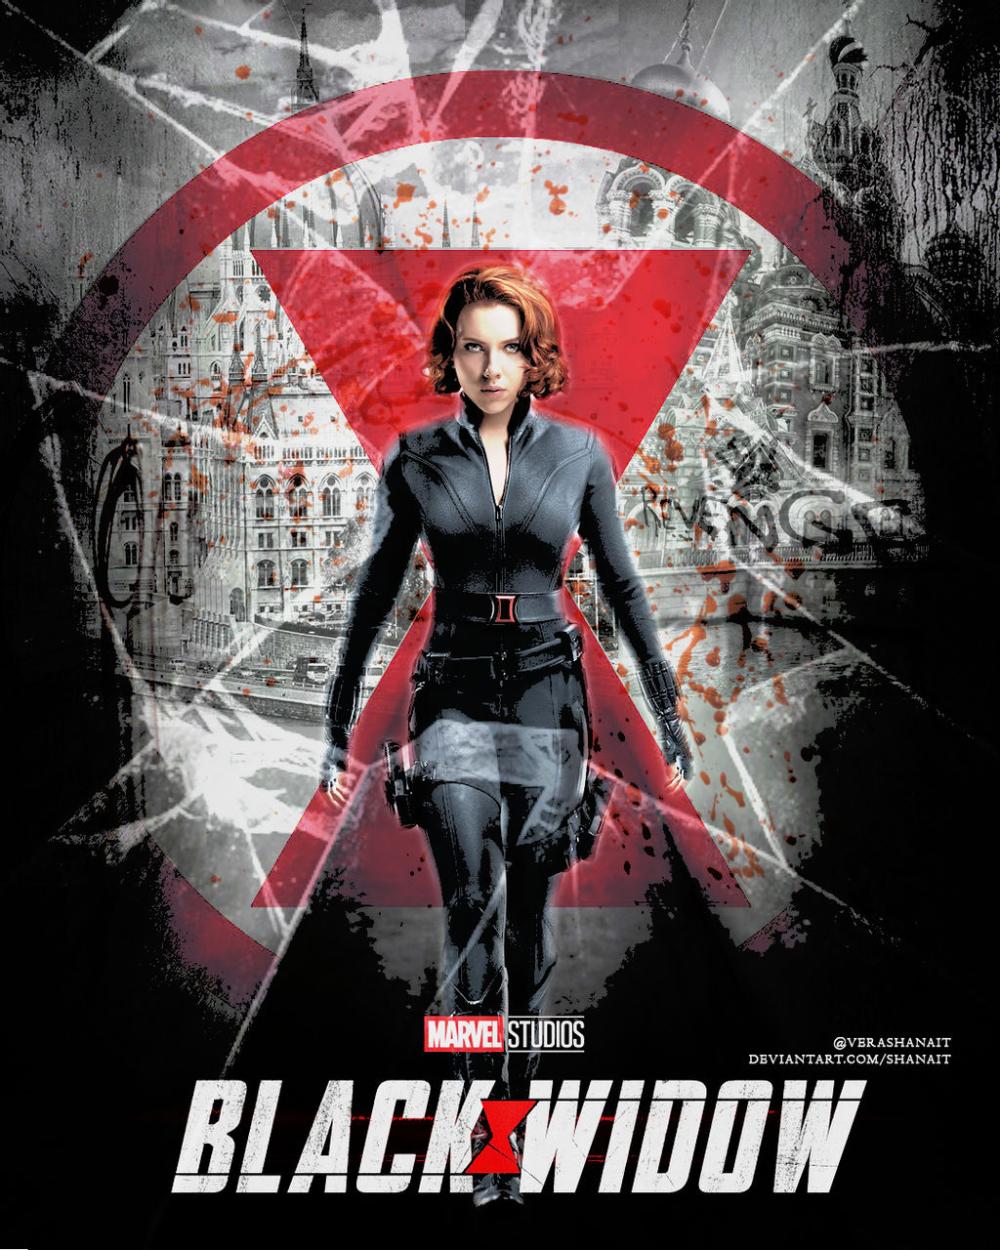 Black Widow movie fan poster by Shanait in 2021 1000x1250